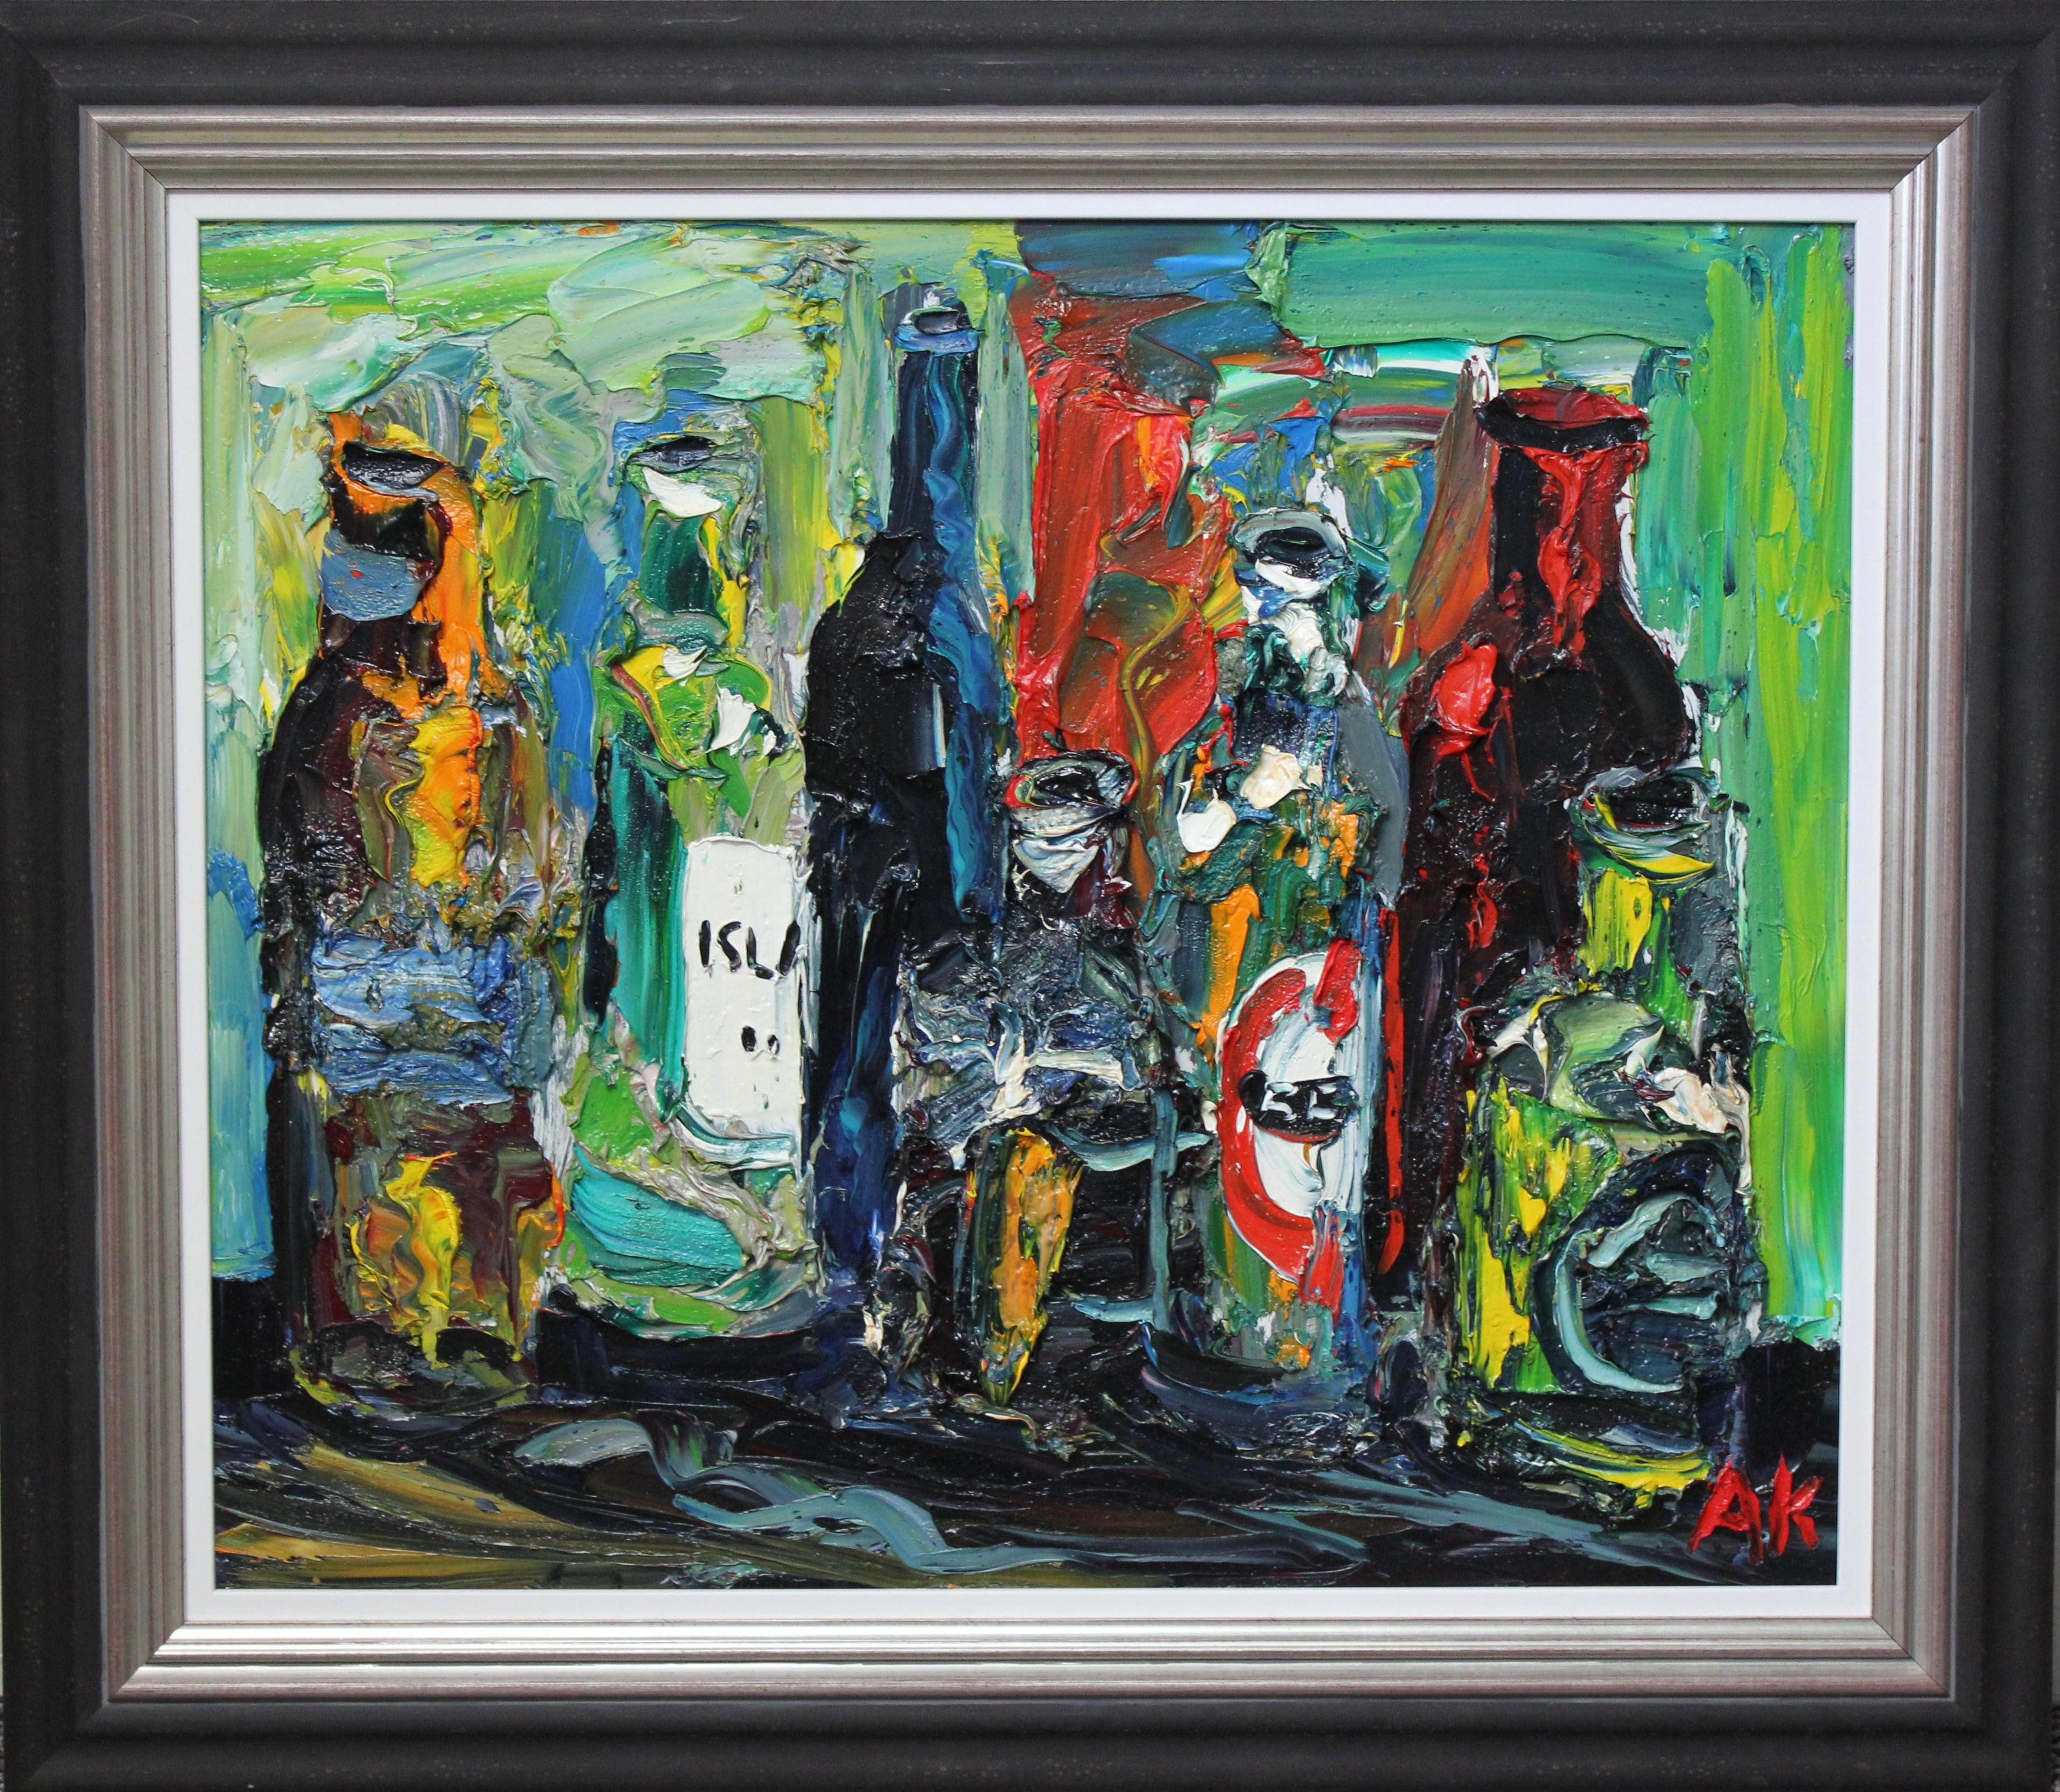 Bottles in the Studio II